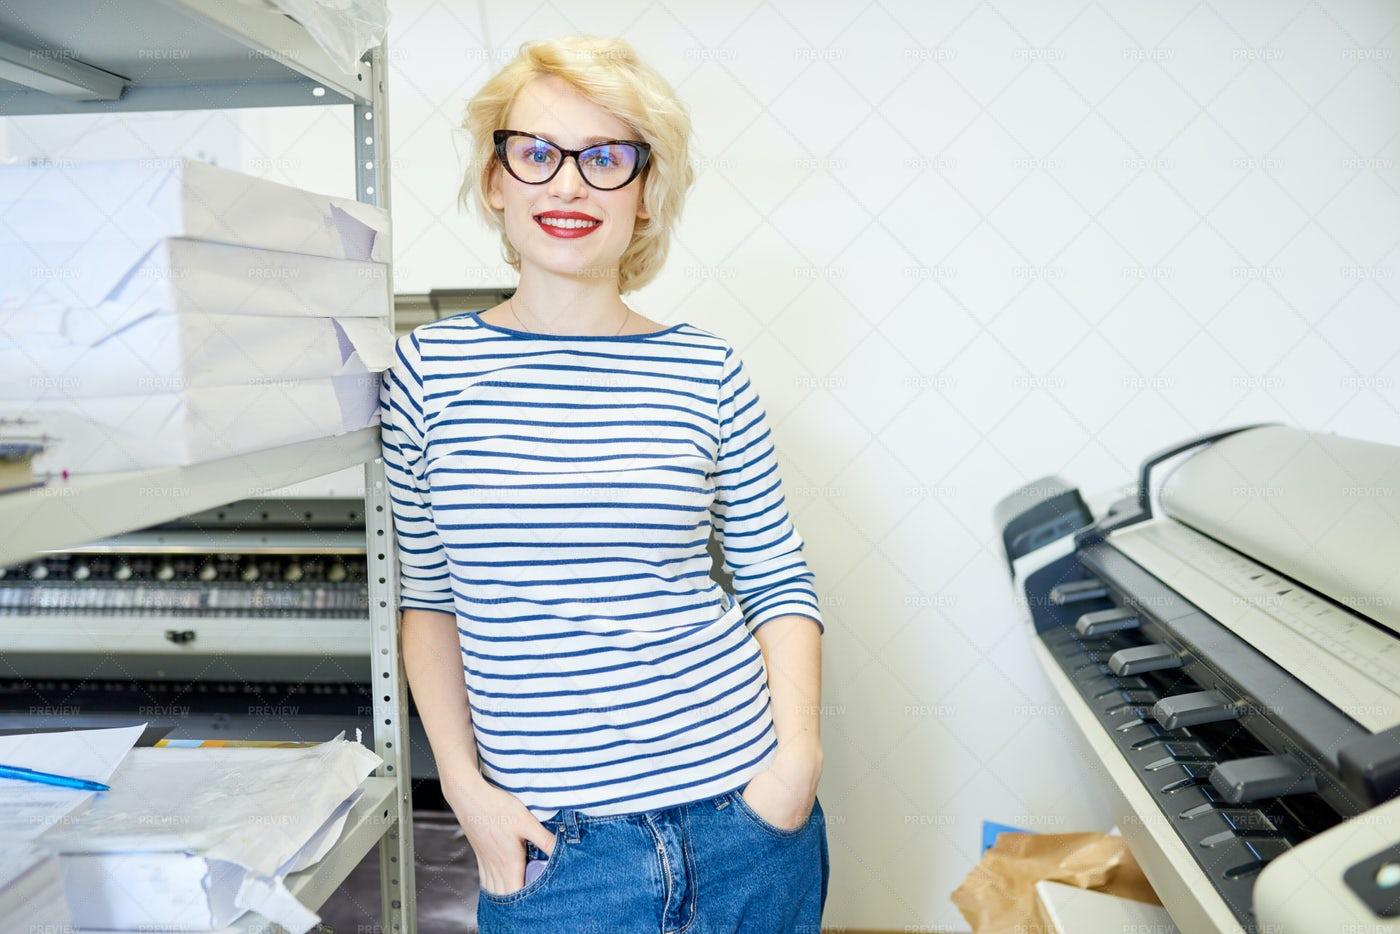 Young Woman Posing In Printshop: Stock Photos